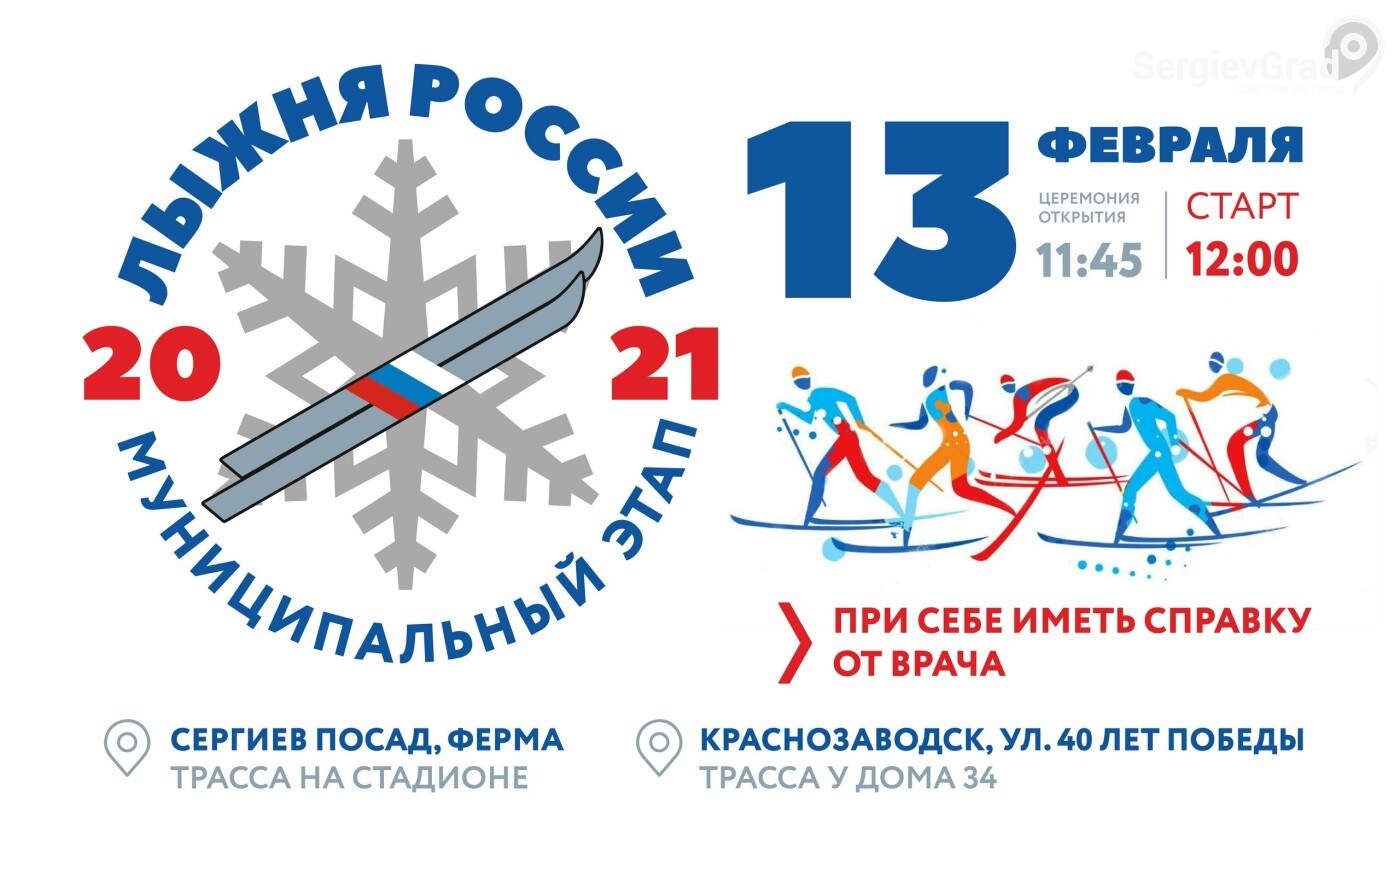 В Сергиевом Посаде пройдёт XXXIX открытая Всероссийская лыжная гонка «Лыжня России»